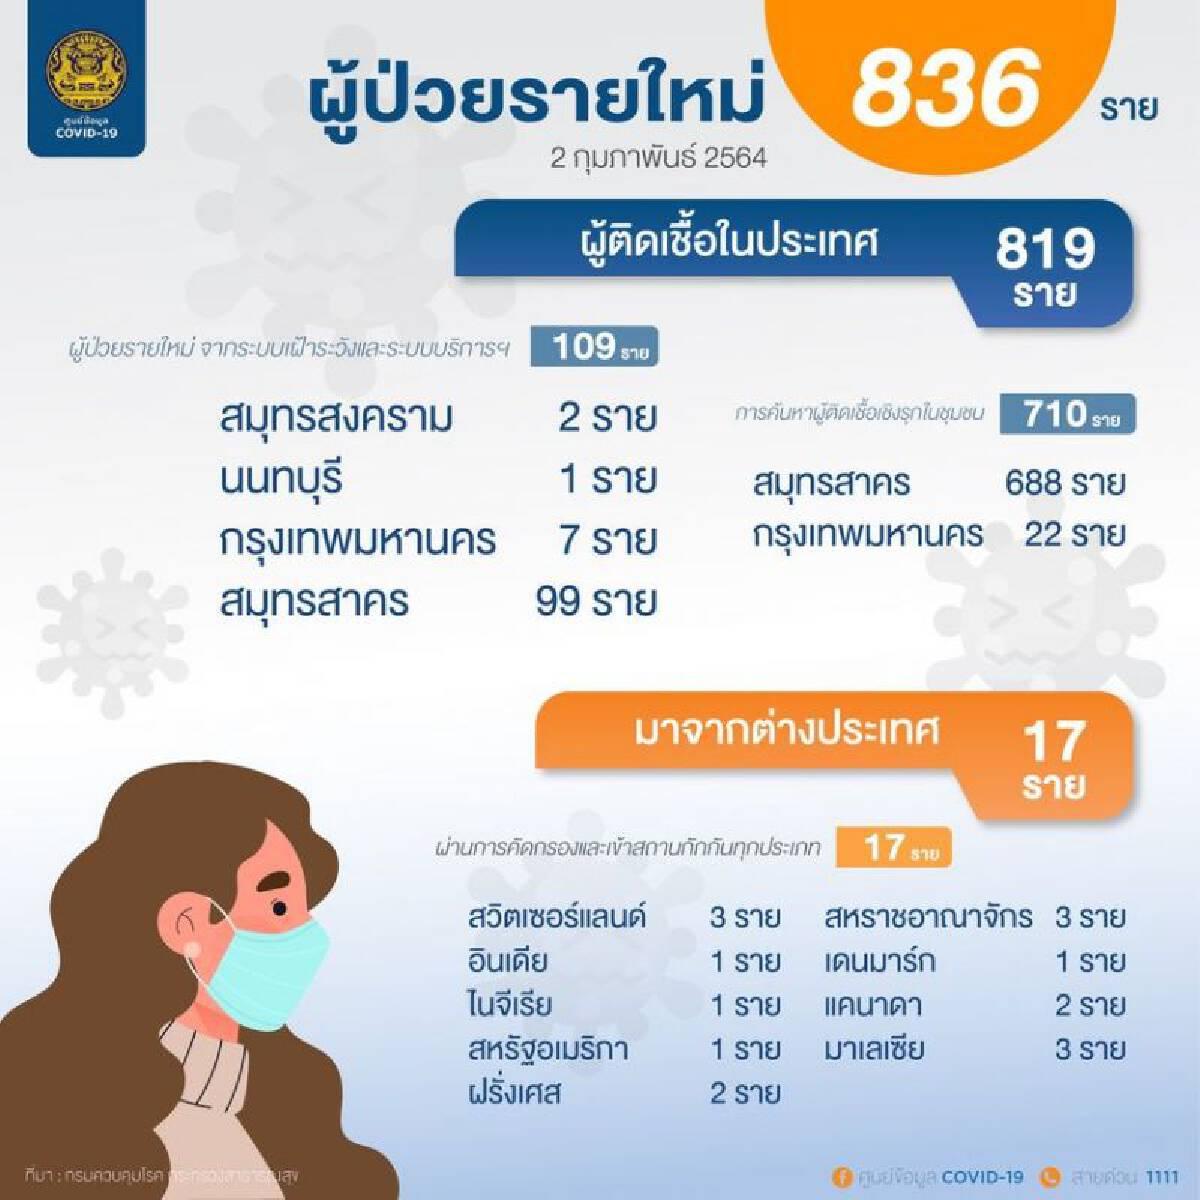 เปิดข้อมูลผู้ติดเชื้อโควิด-19 รายใหม่ 836 ราย